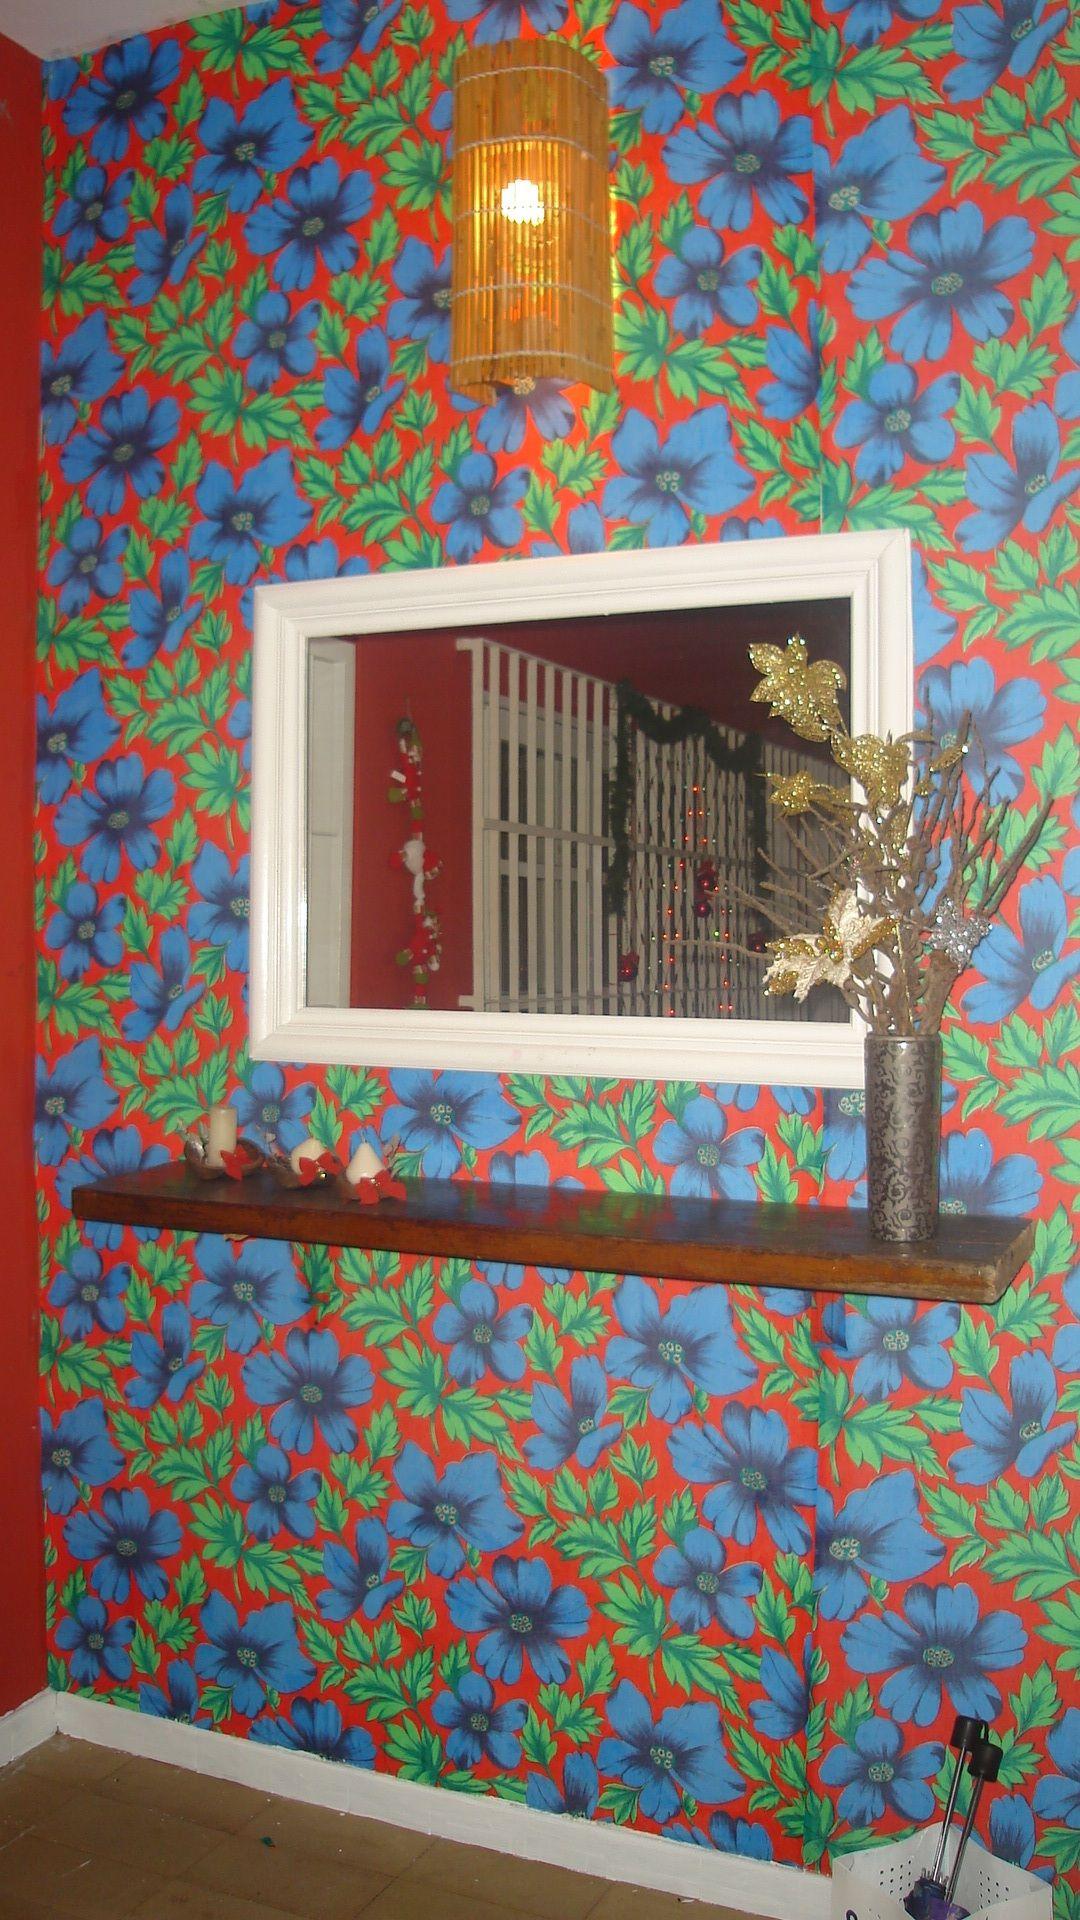 decoraç u00e3o com chita tecido Pesquisa Google Ideias de como usar chita Decoraç u00e3o com chita